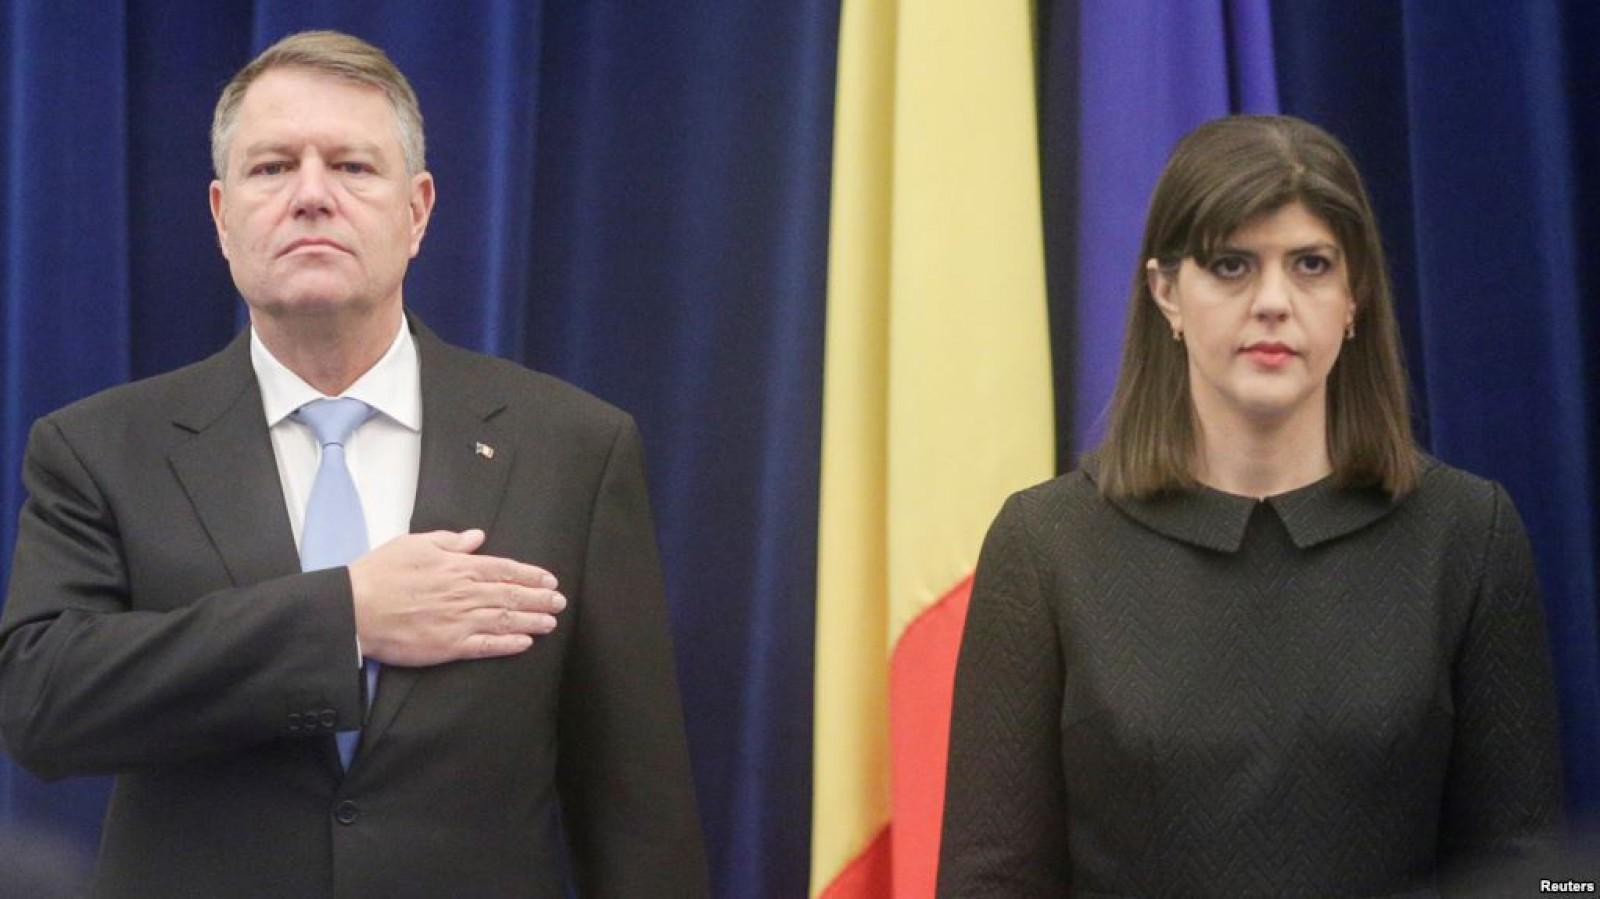 """Klaus Iohannis motivează revocarea Laurei Codruţa Kovesi: """"Eu respect statul de drept și Constituţia"""""""